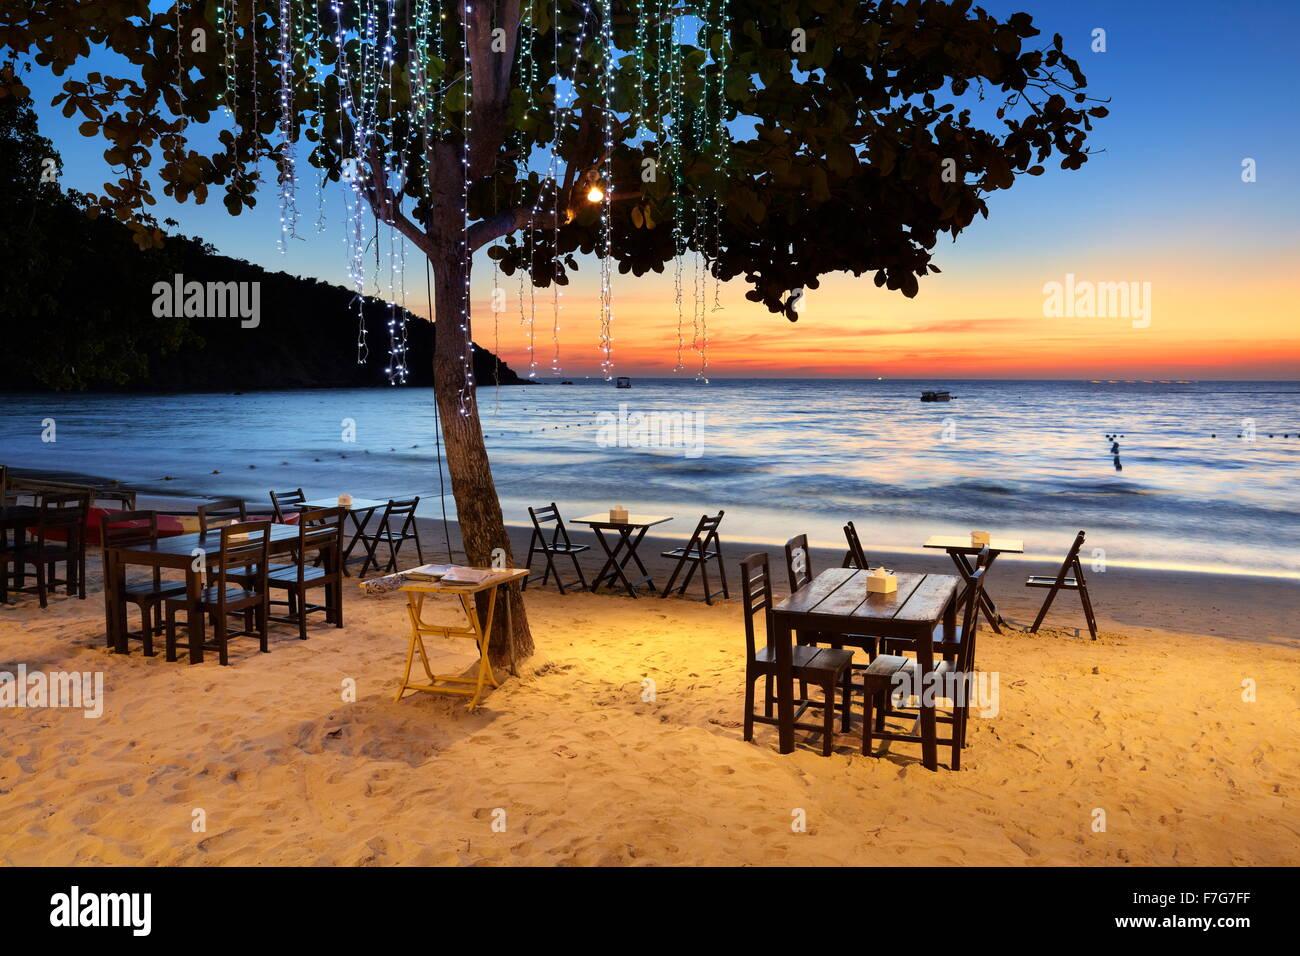 El restaurante de la playa al atardecer, Lima Coco Resort Ko Samet Island, Tailandia Imagen De Stock